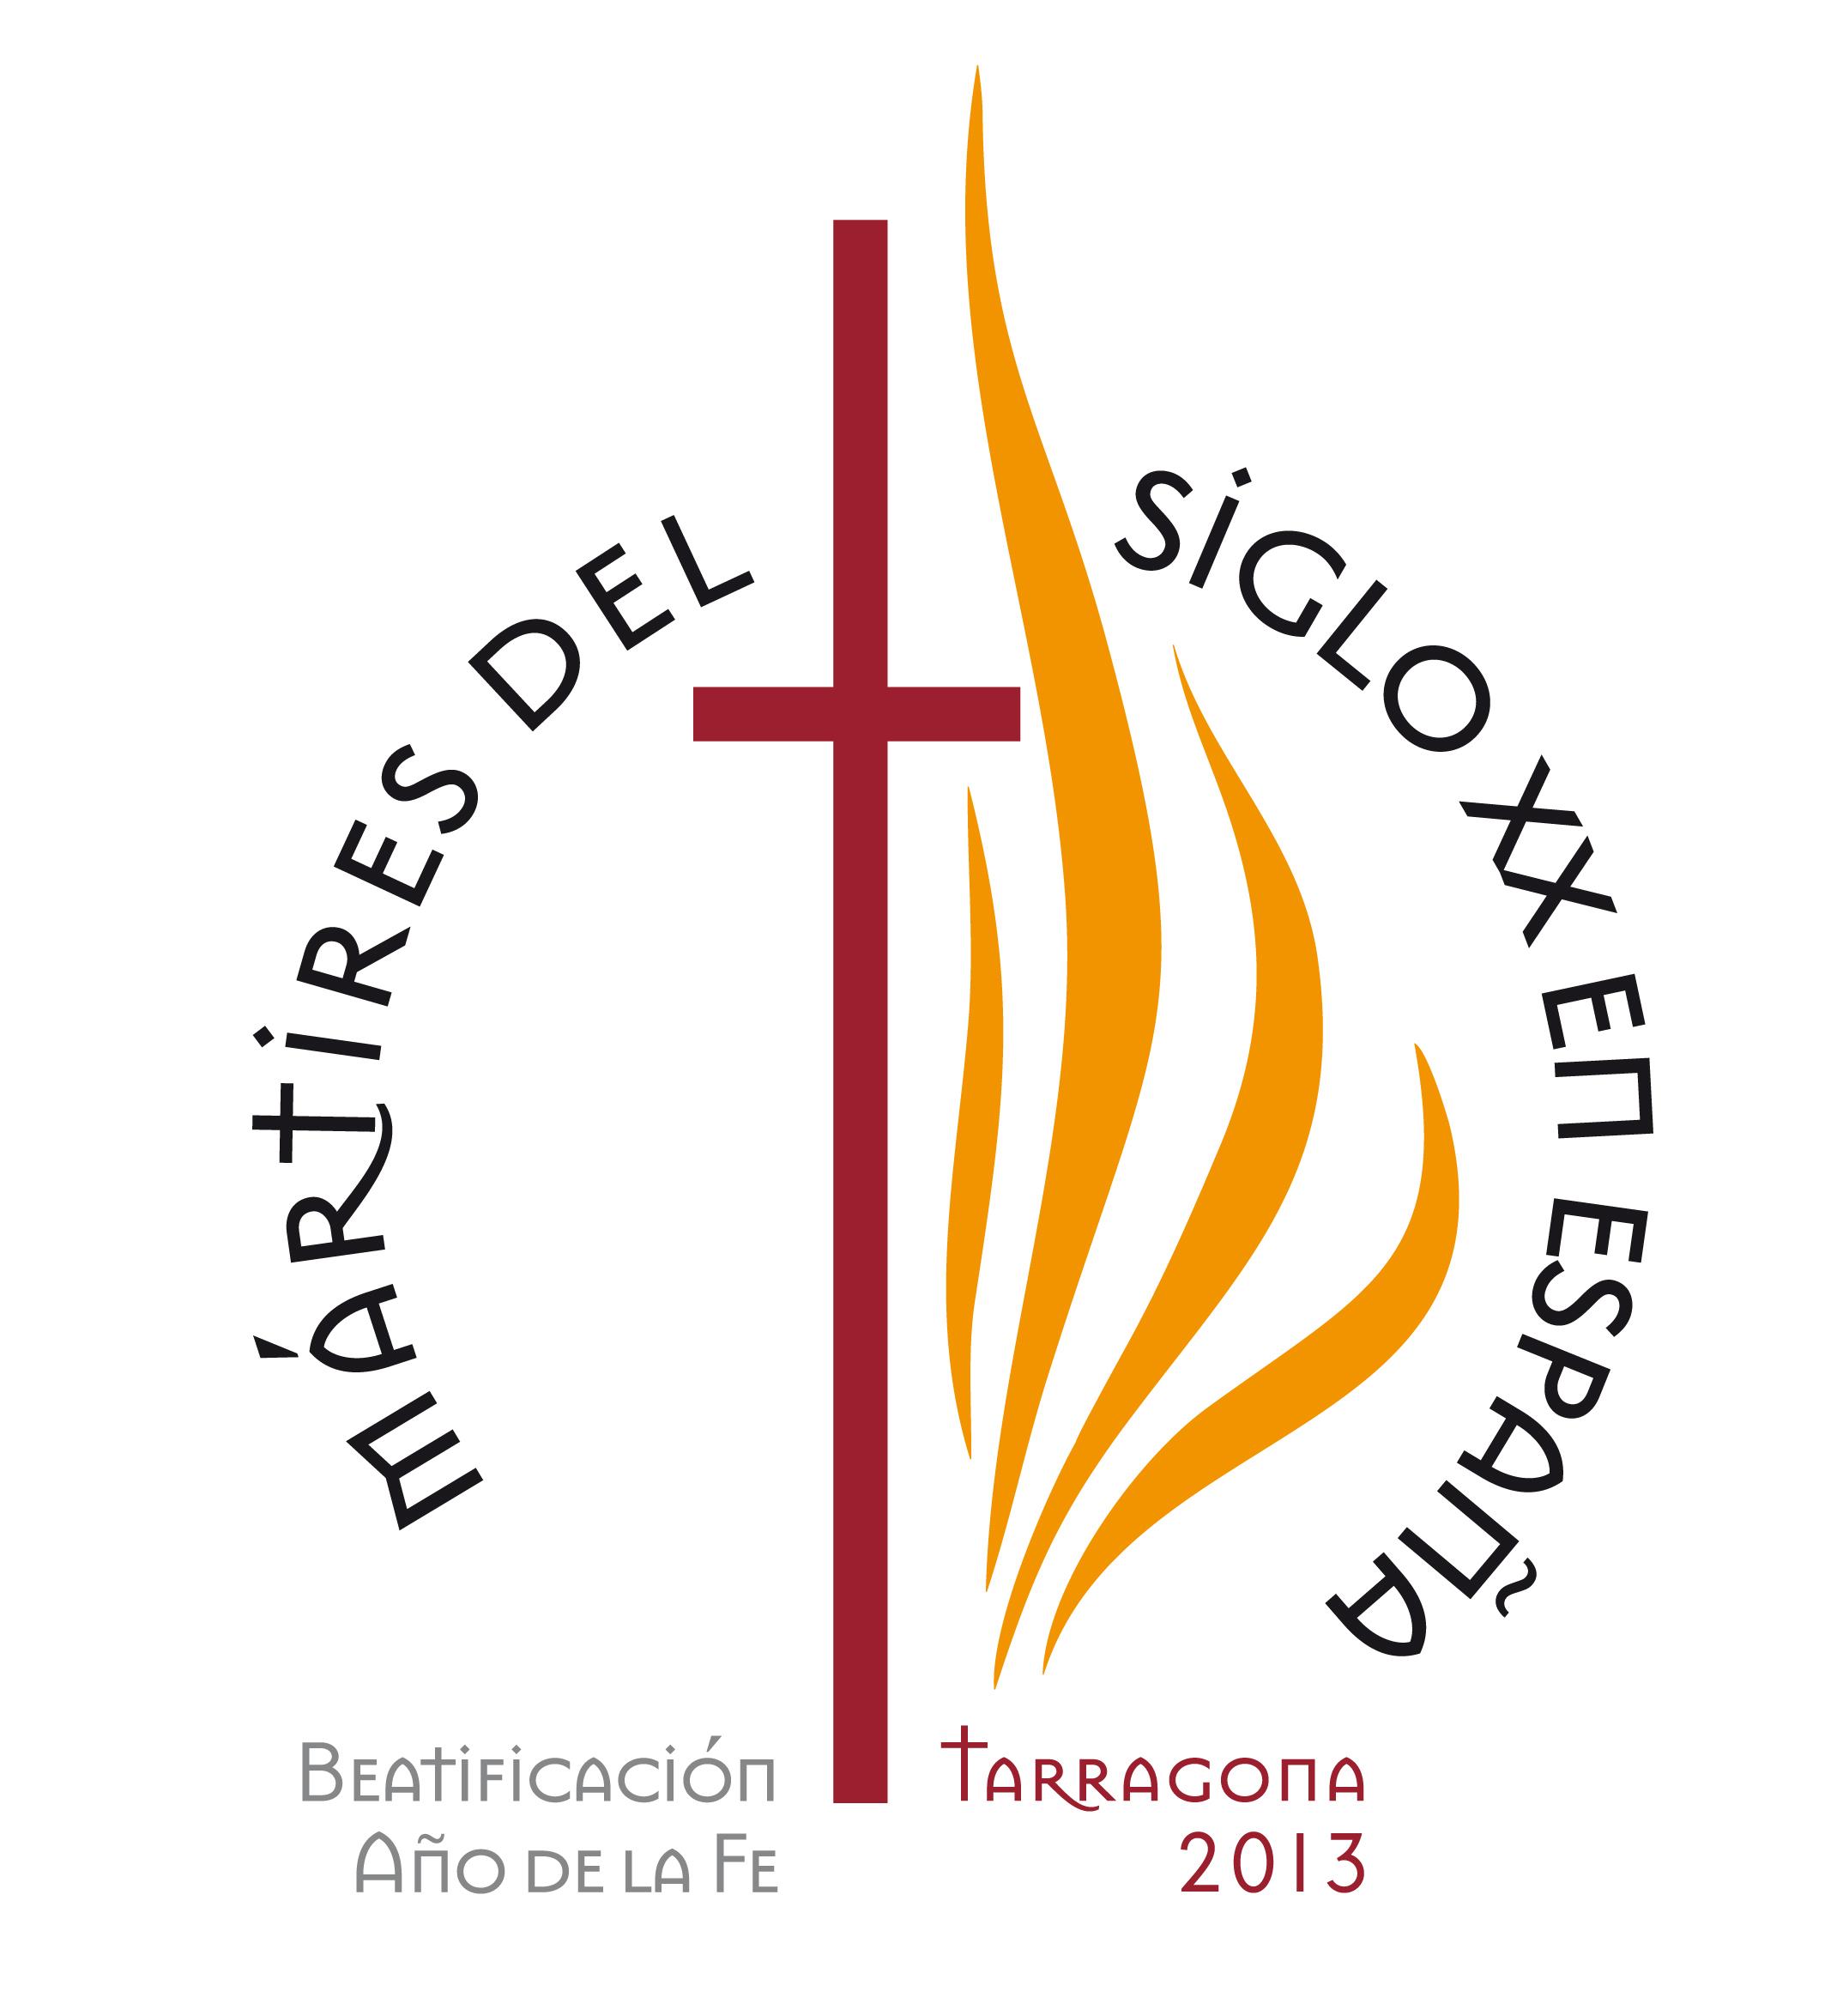 beatificacions a tarragona